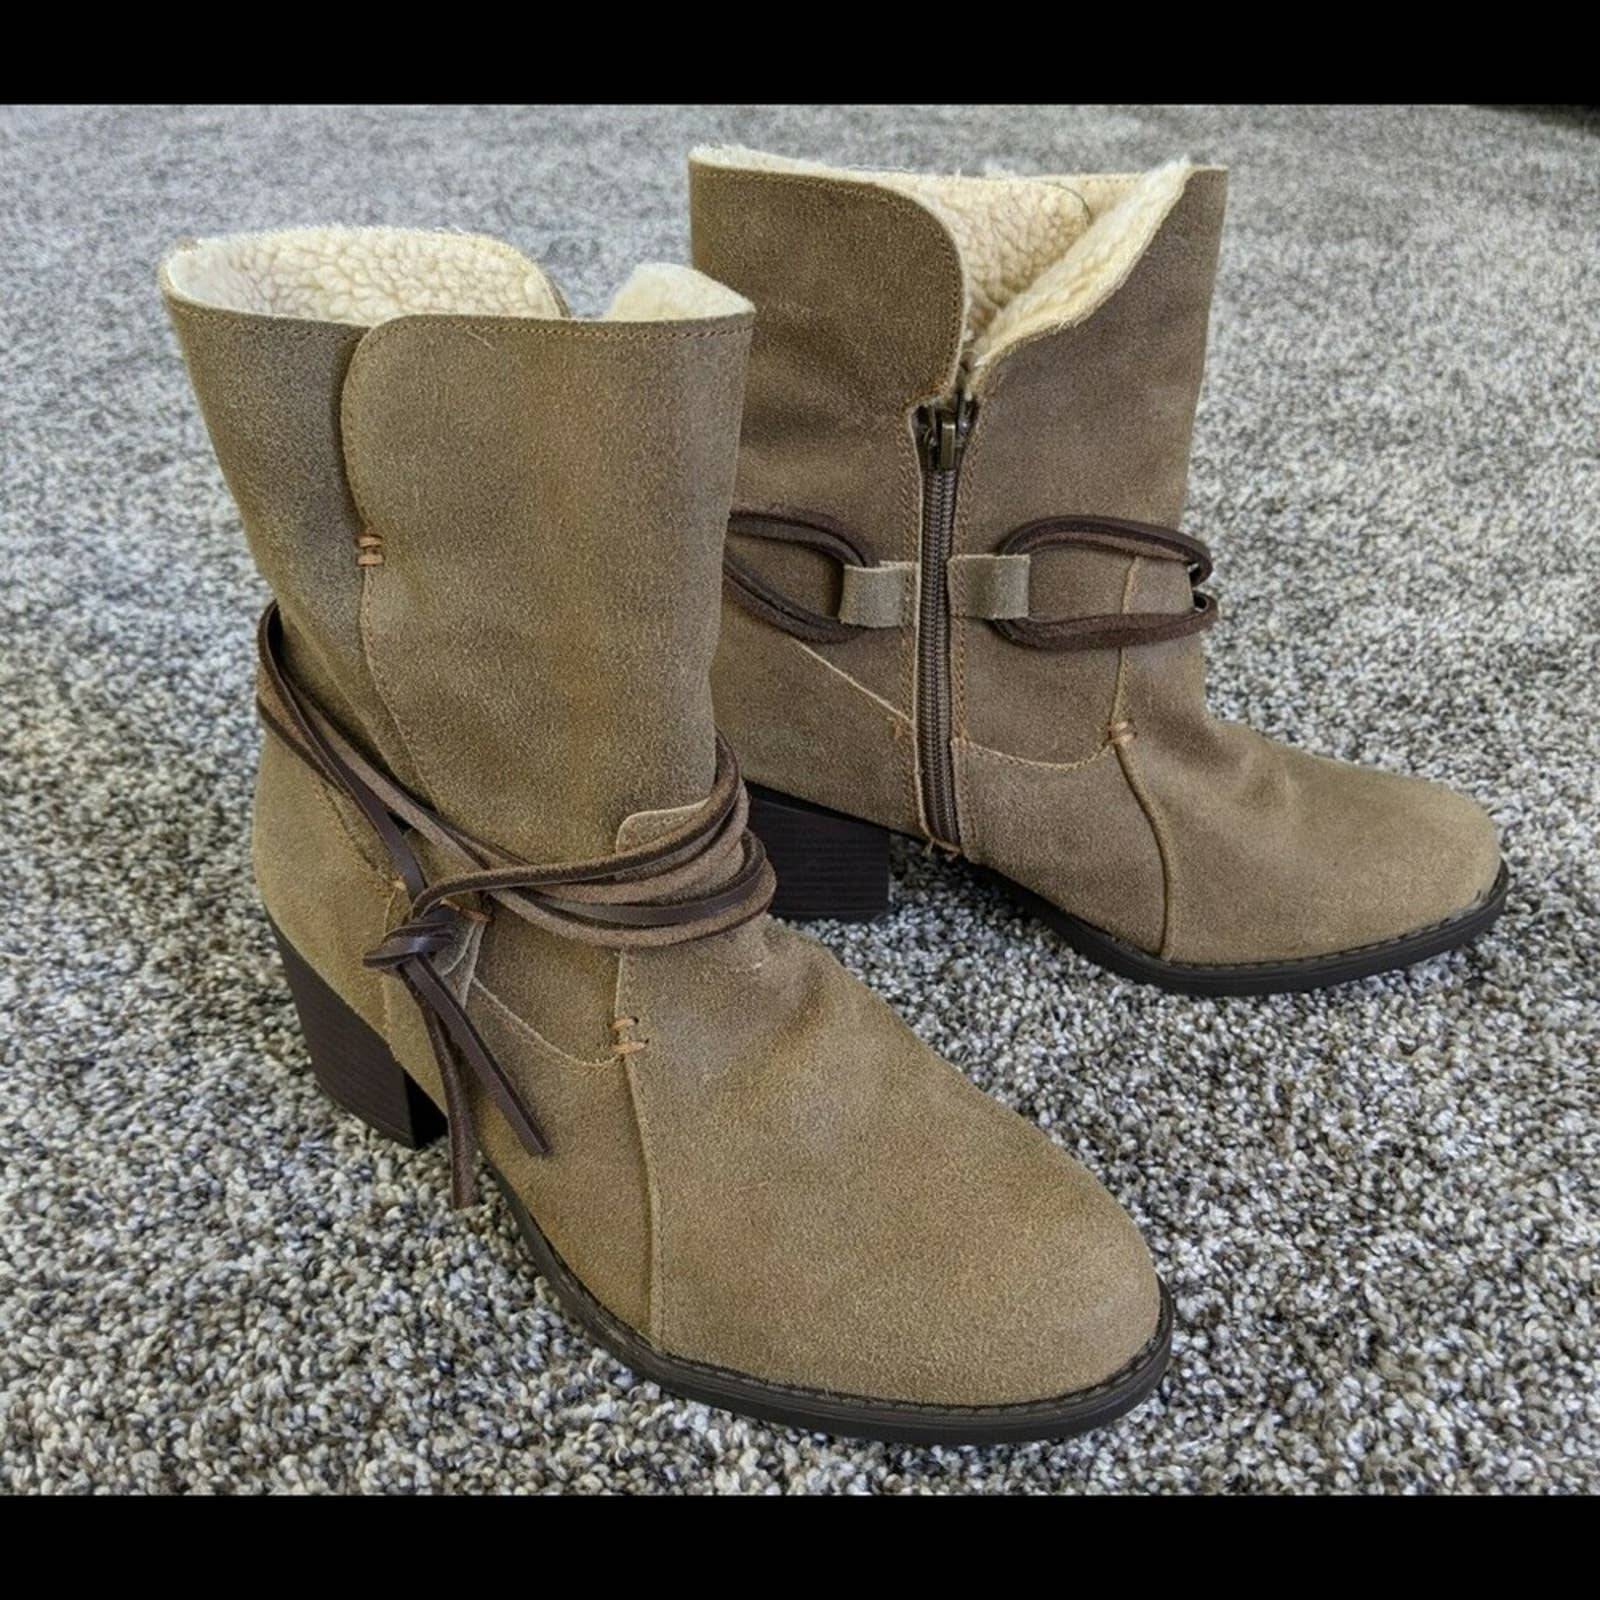 Eddie Bauer Louise Boots Size 7.5